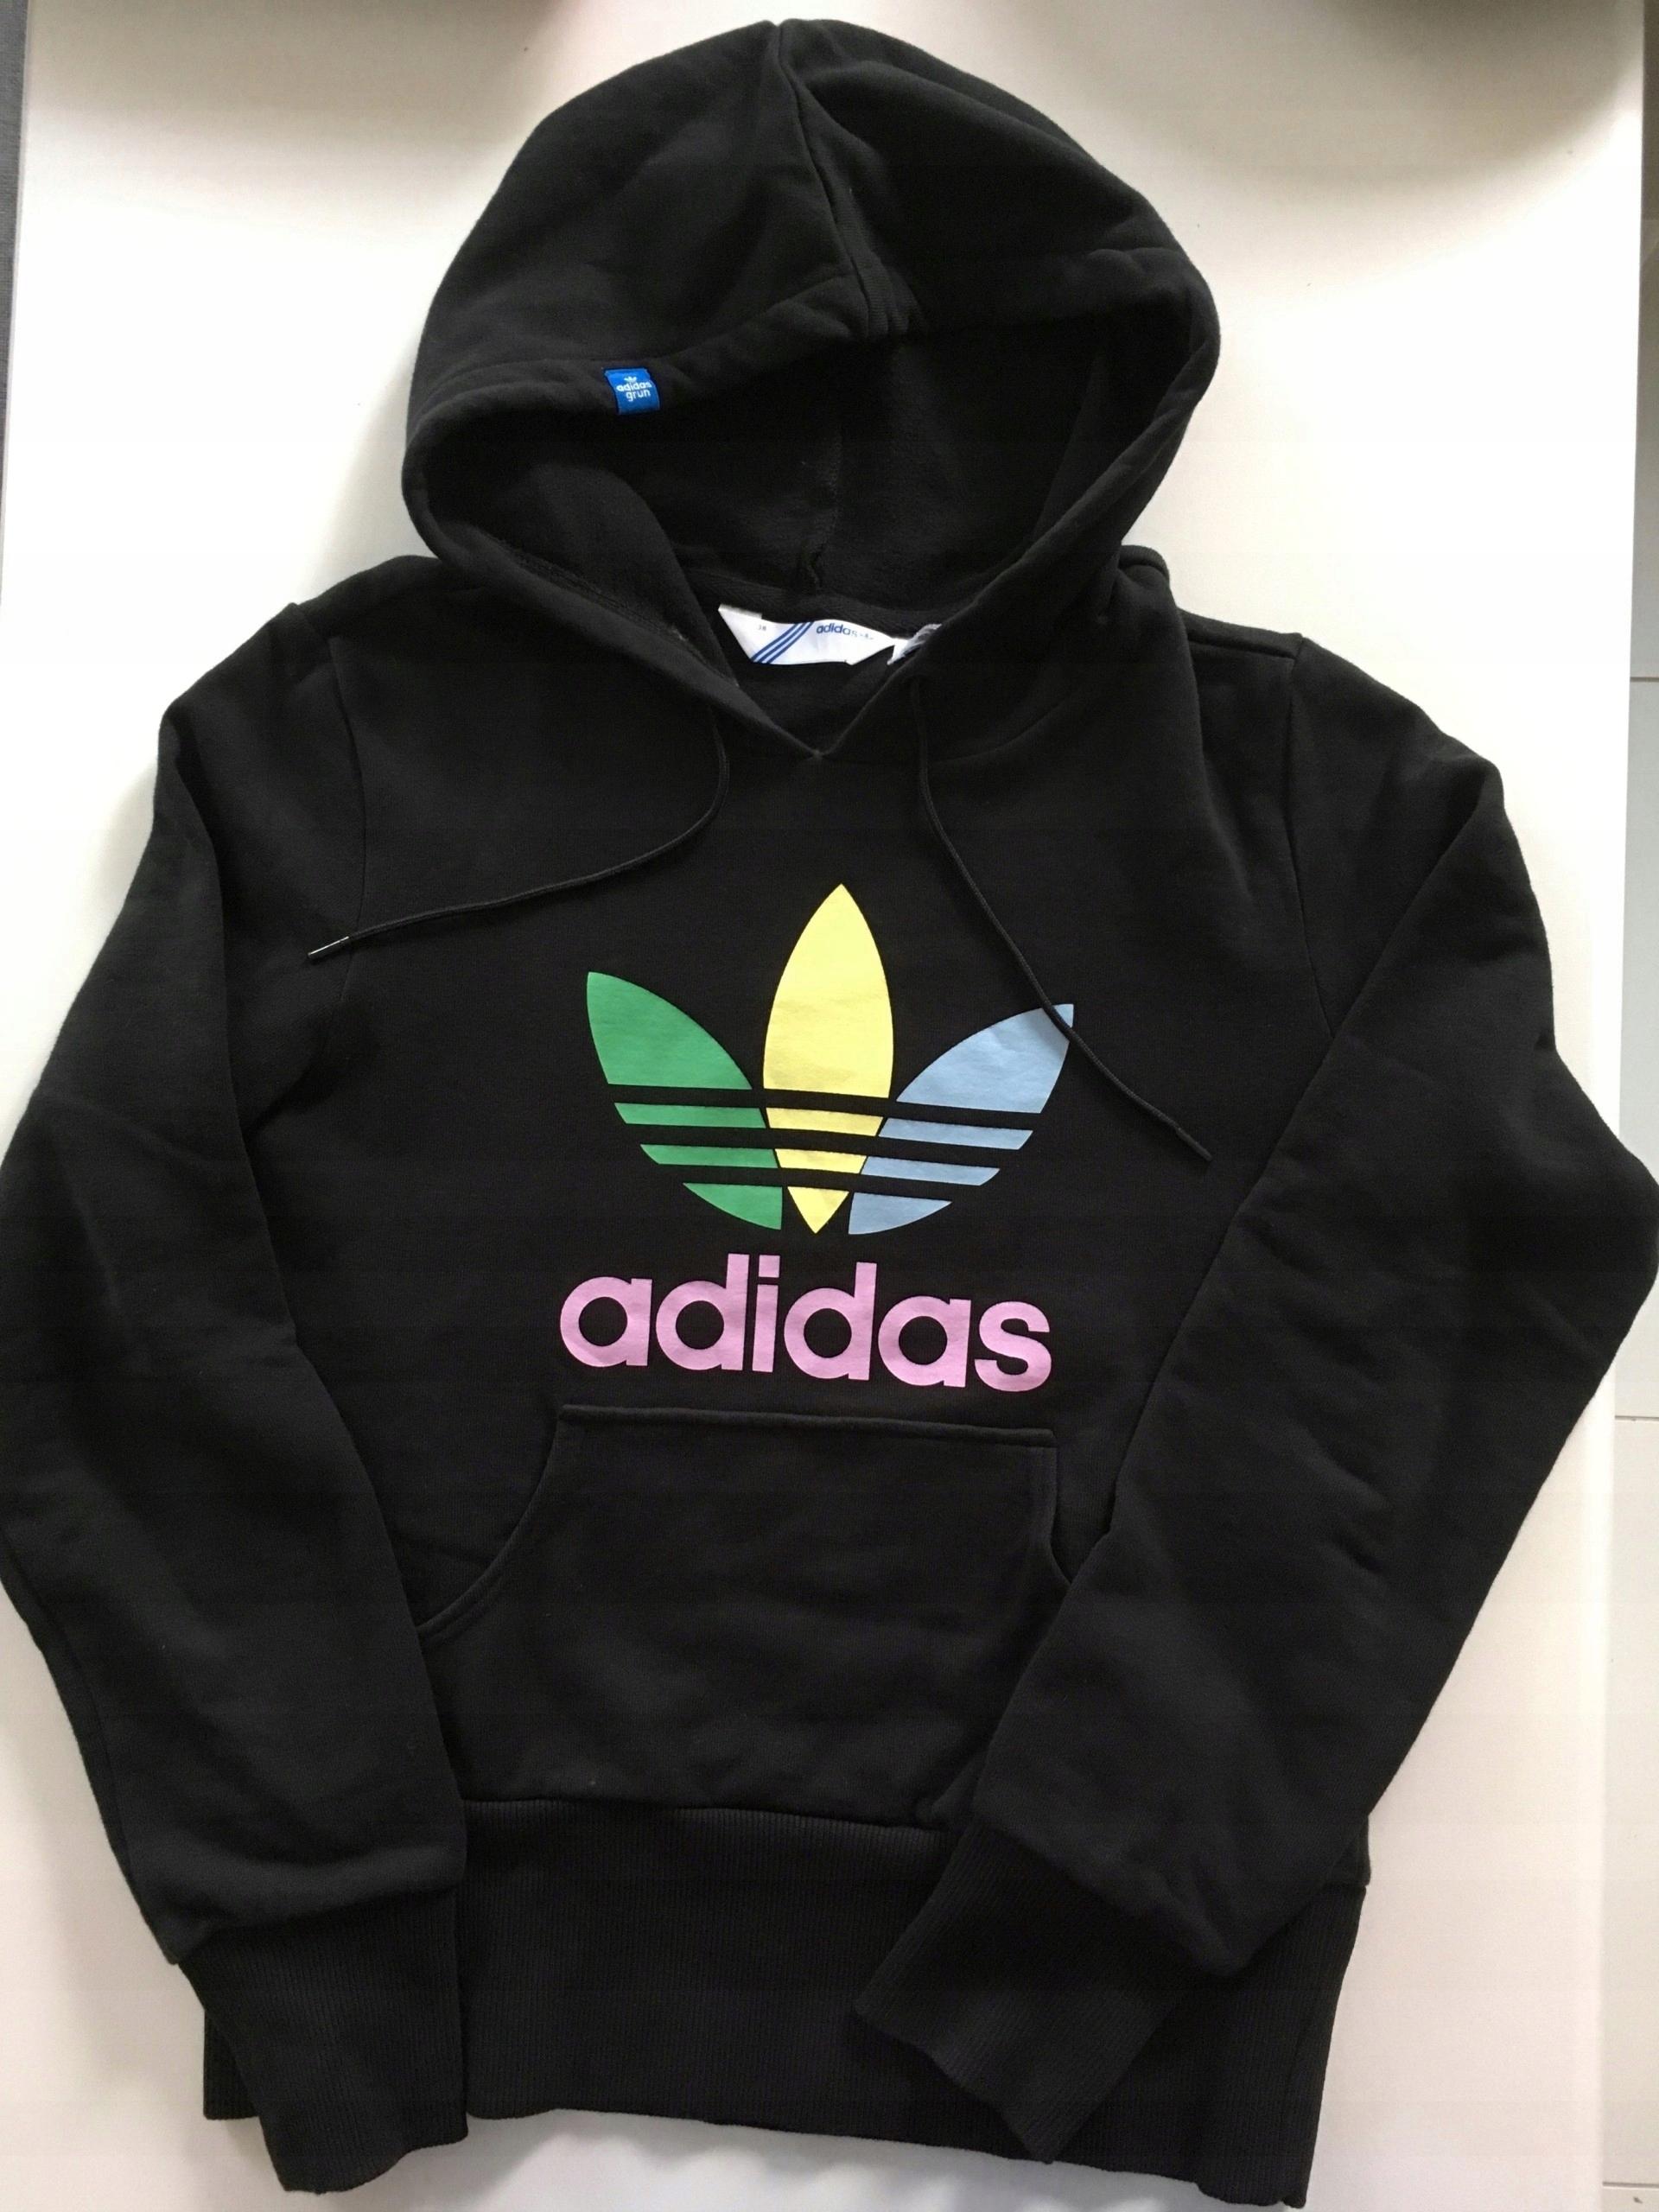 kup najlepiej oficjalne zdjęcia szybka dostawa Bluza Adidas s/m - 7554647014 - oficjalne archiwum allegro